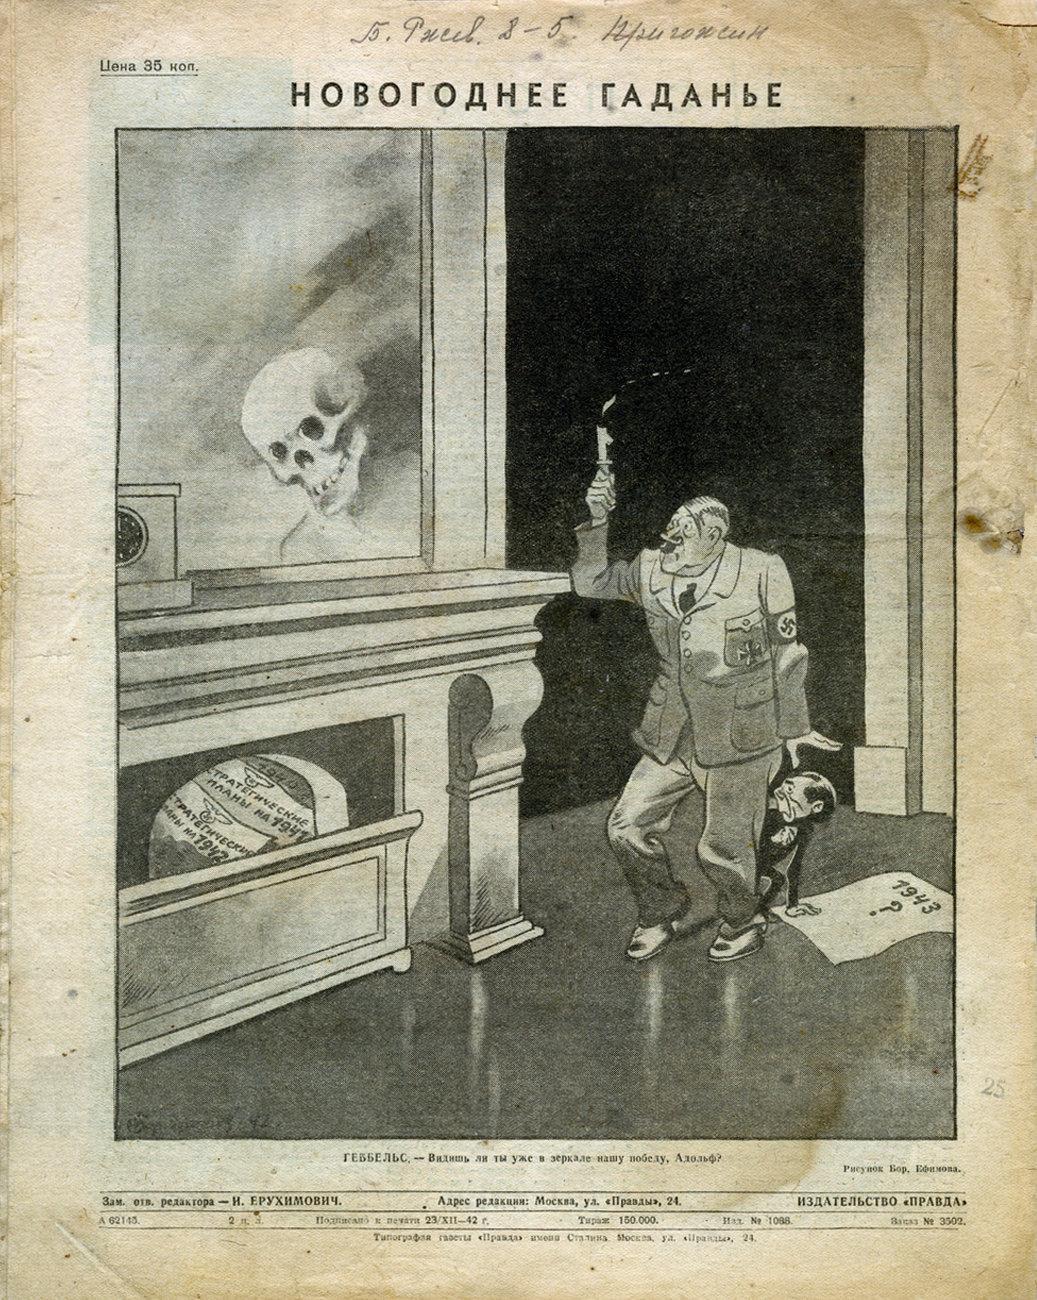 Огонёк 27 декабря 1942 / 2